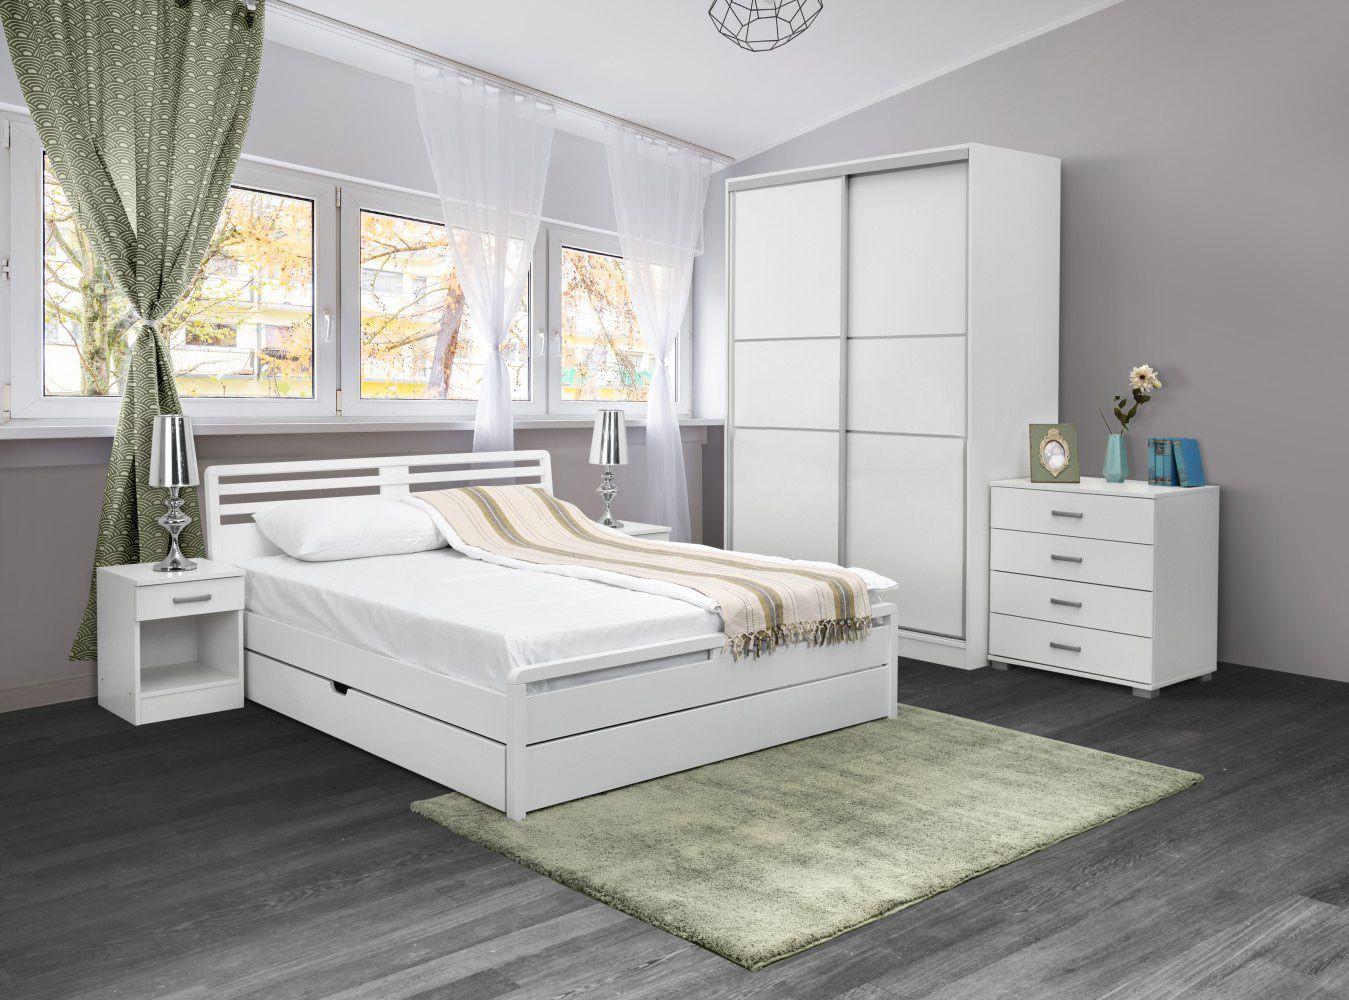 schlafzimmer komplett weiß